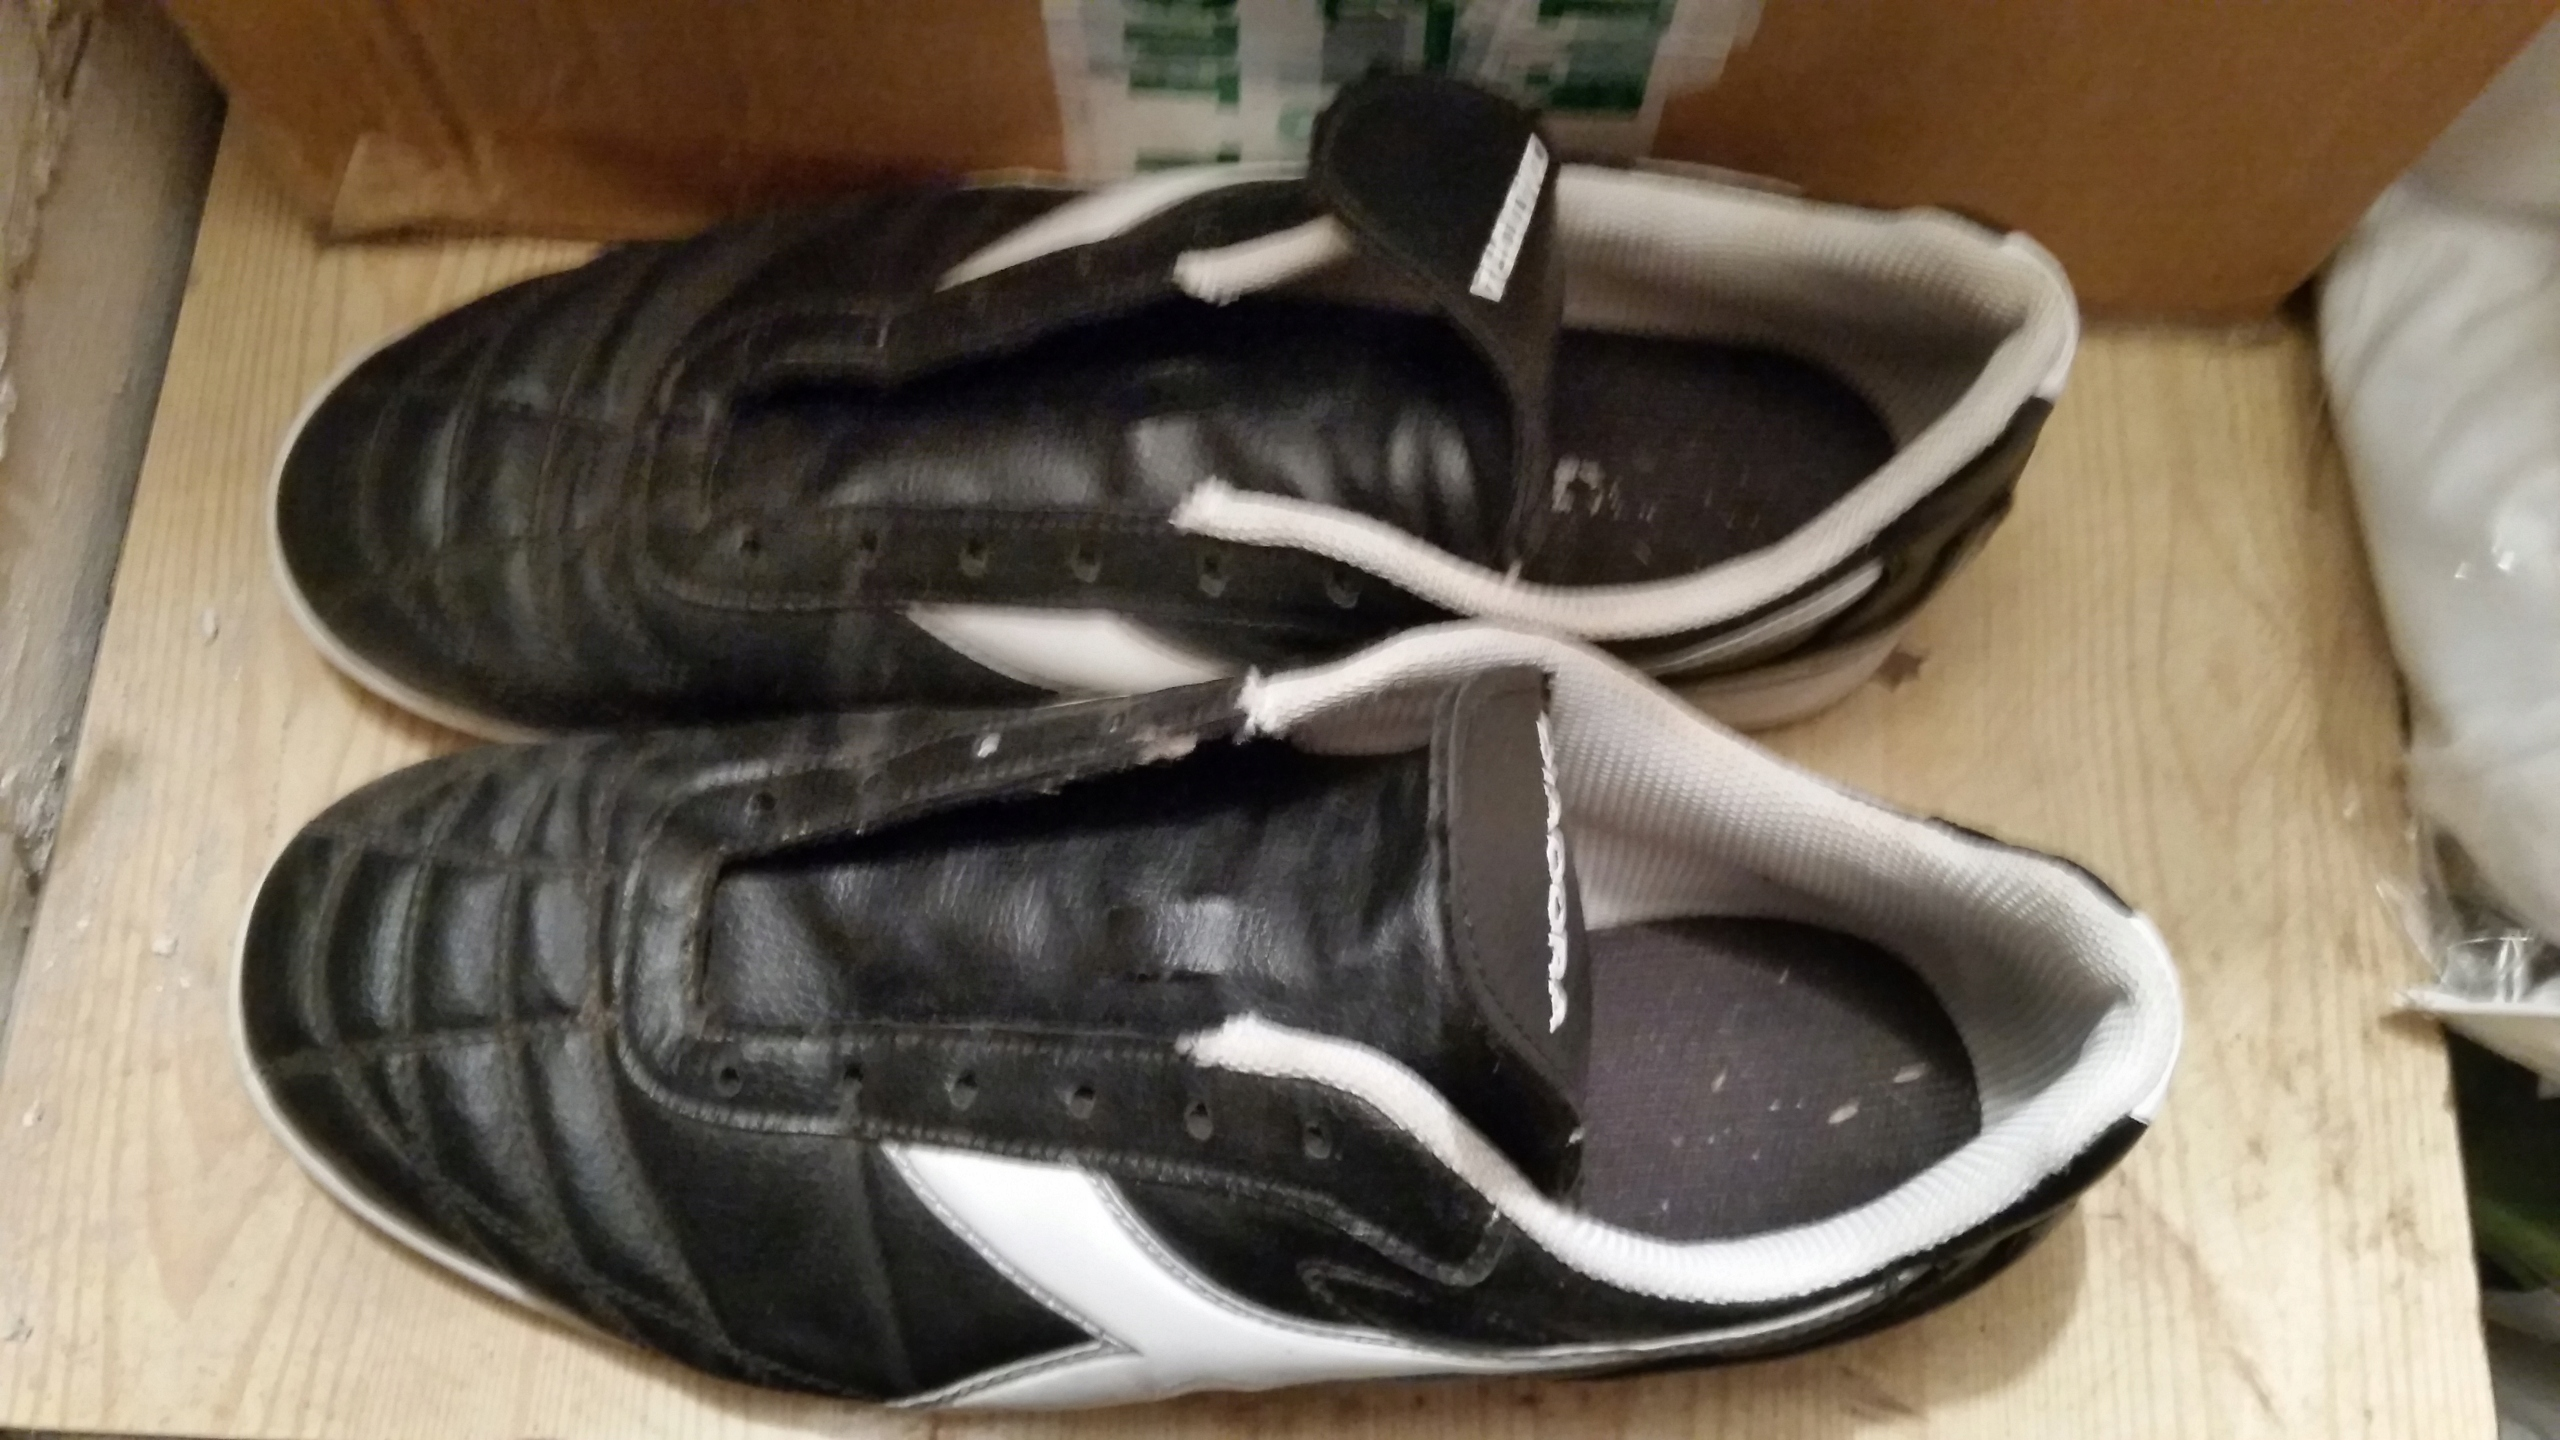 Buty halowe diadora